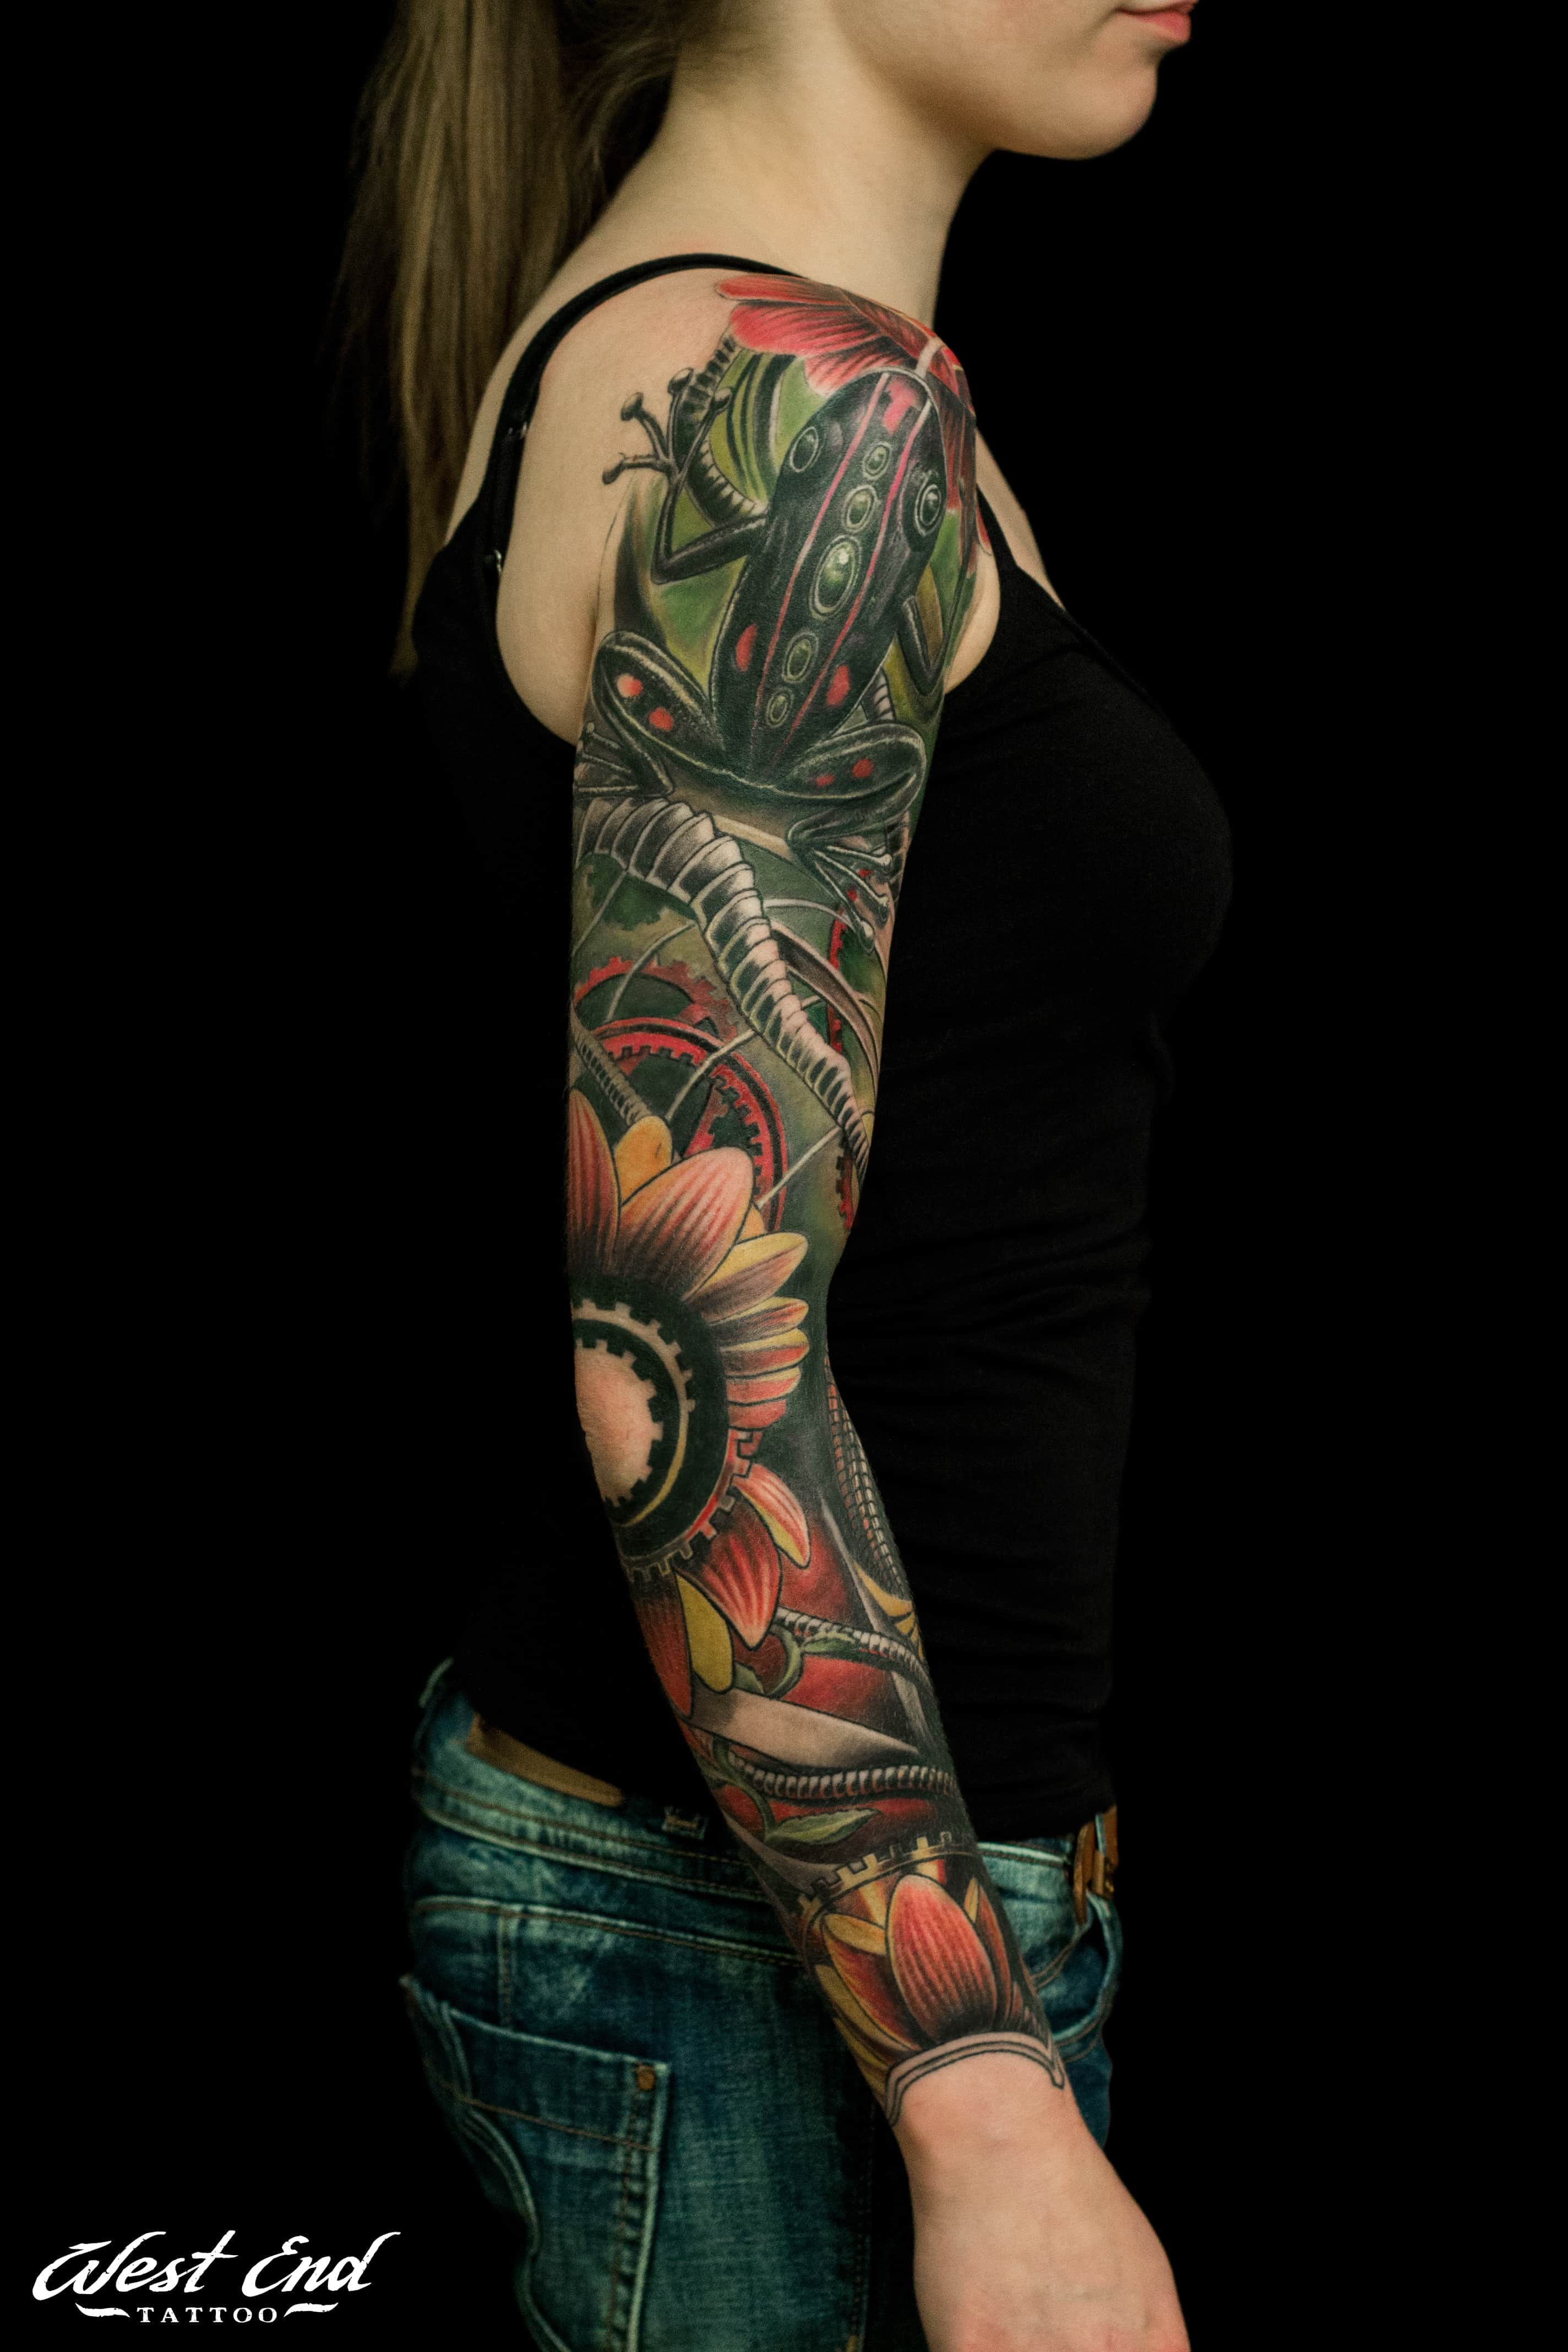 Татуировки для девушек в стиле биомеханика